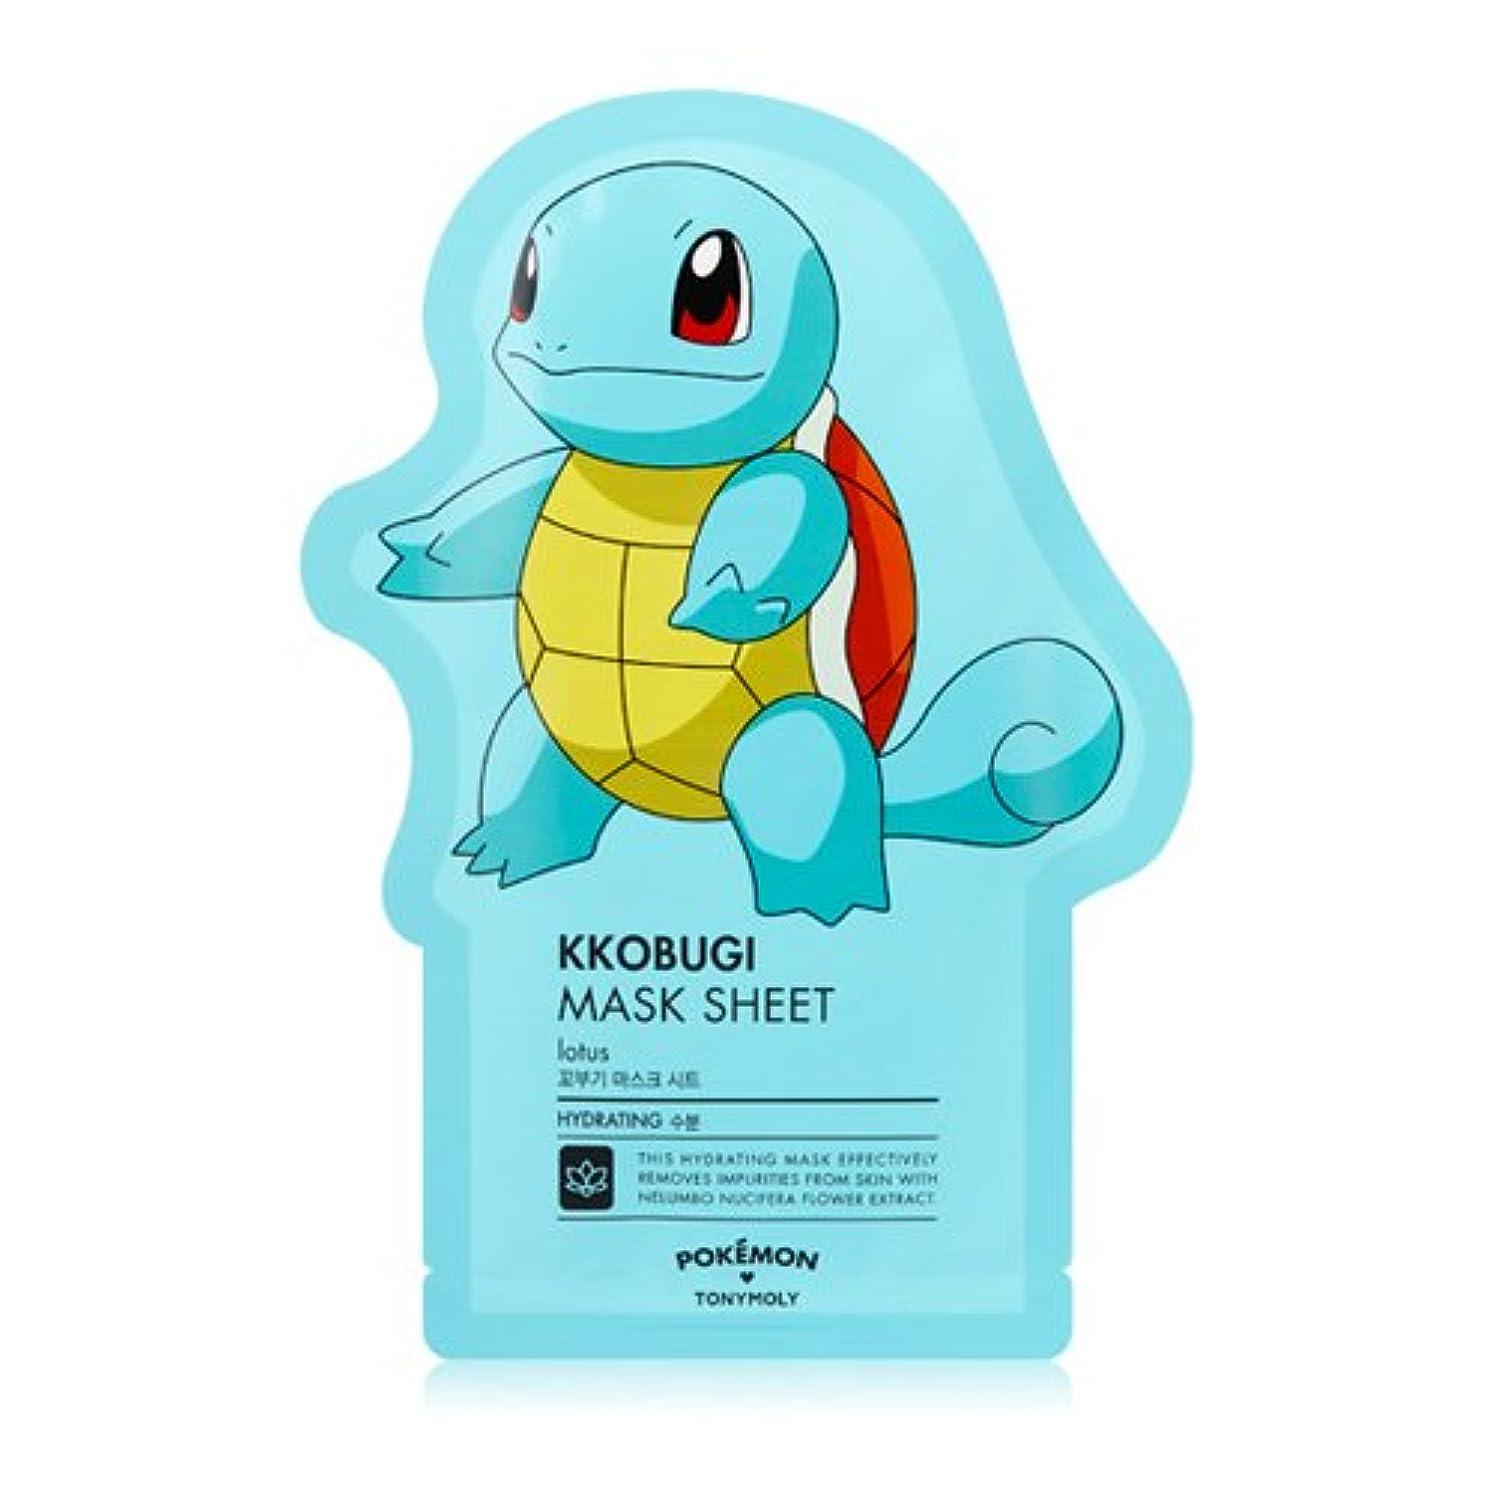 耕すグレートバリアリーフ勧めるTONYMOLY x Pokemon Squirtle/Kkobugi Mask Sheet (並行輸入品)